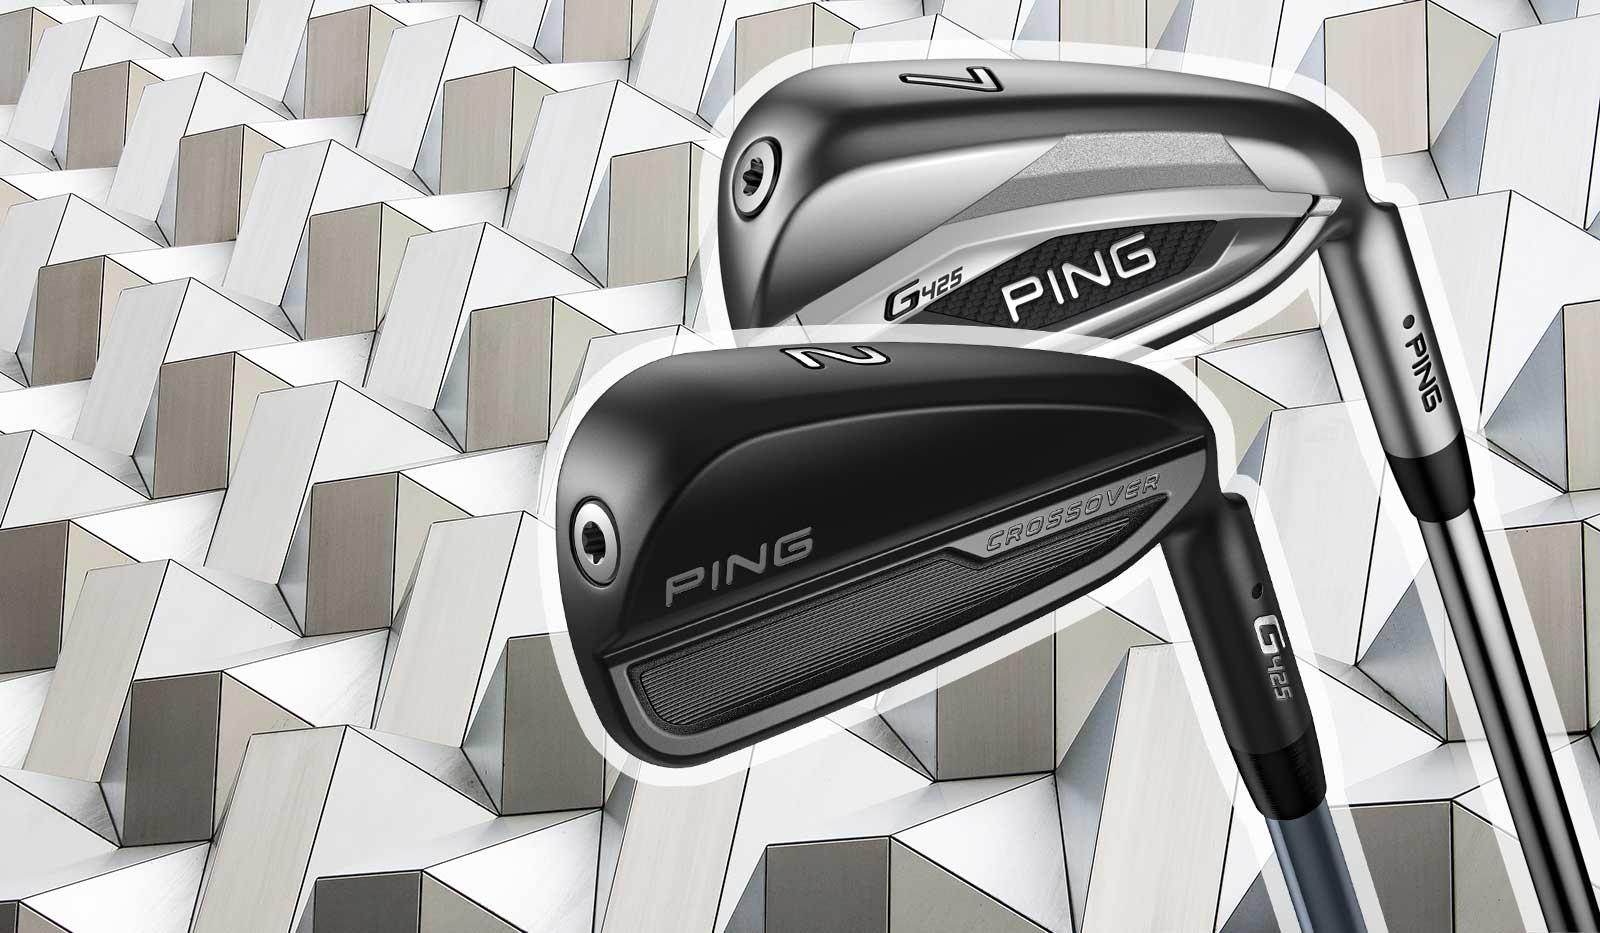 PING G425 Eisen Crossover - PING präsentiert die Serie G425 – Eisen und Crossover